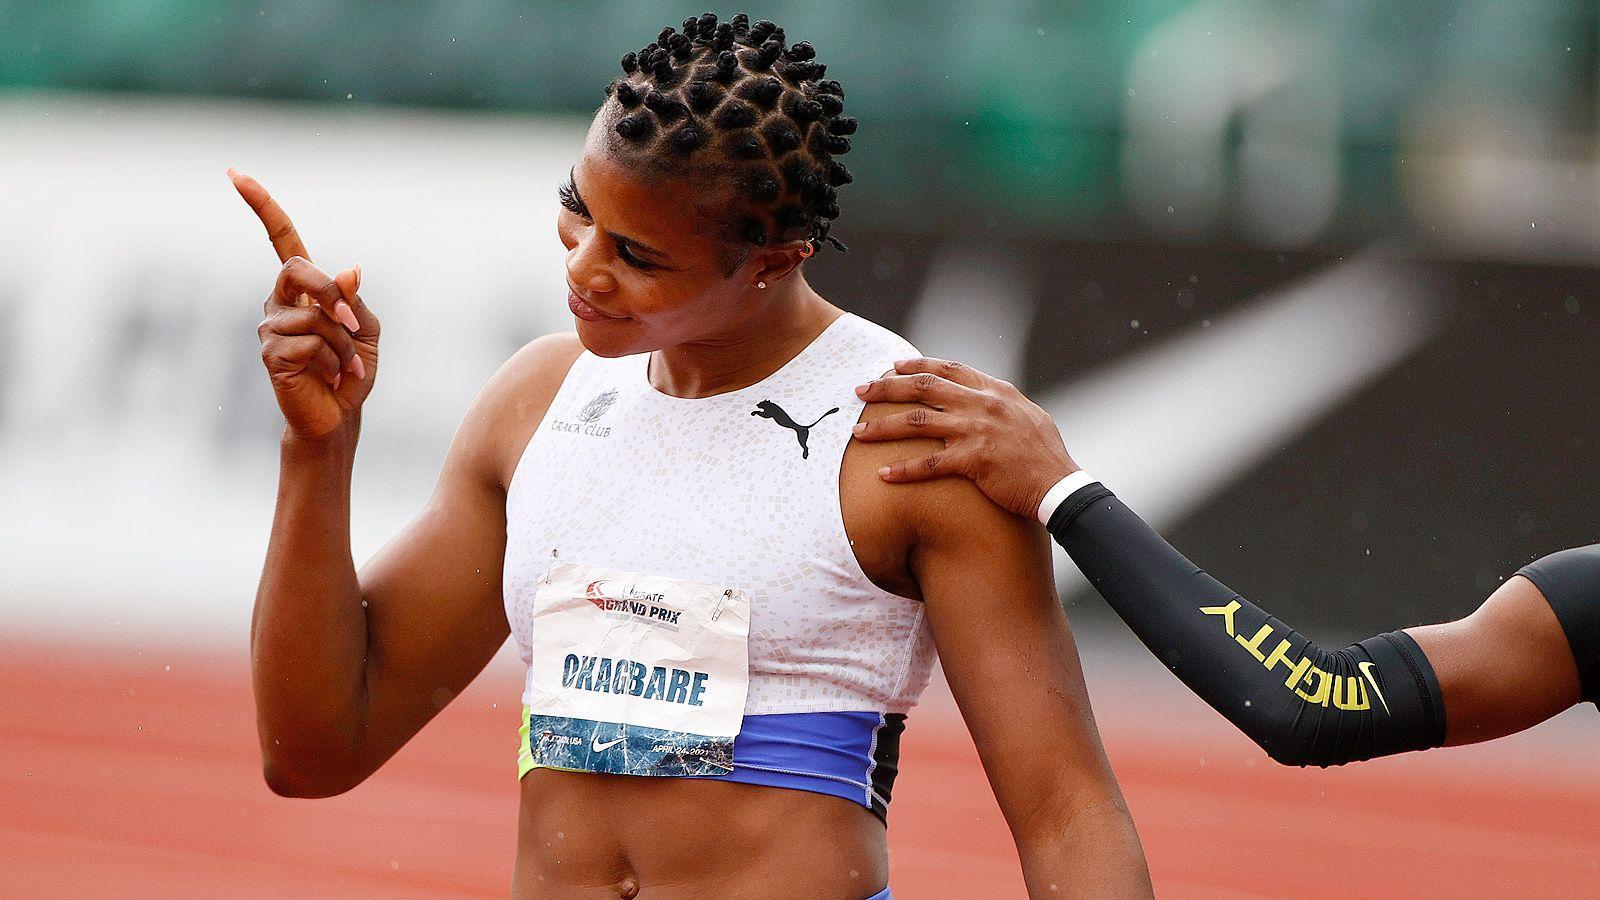 На Олимпиаде второй допинговый случай. Поймали нигерийскую легкоатлетку